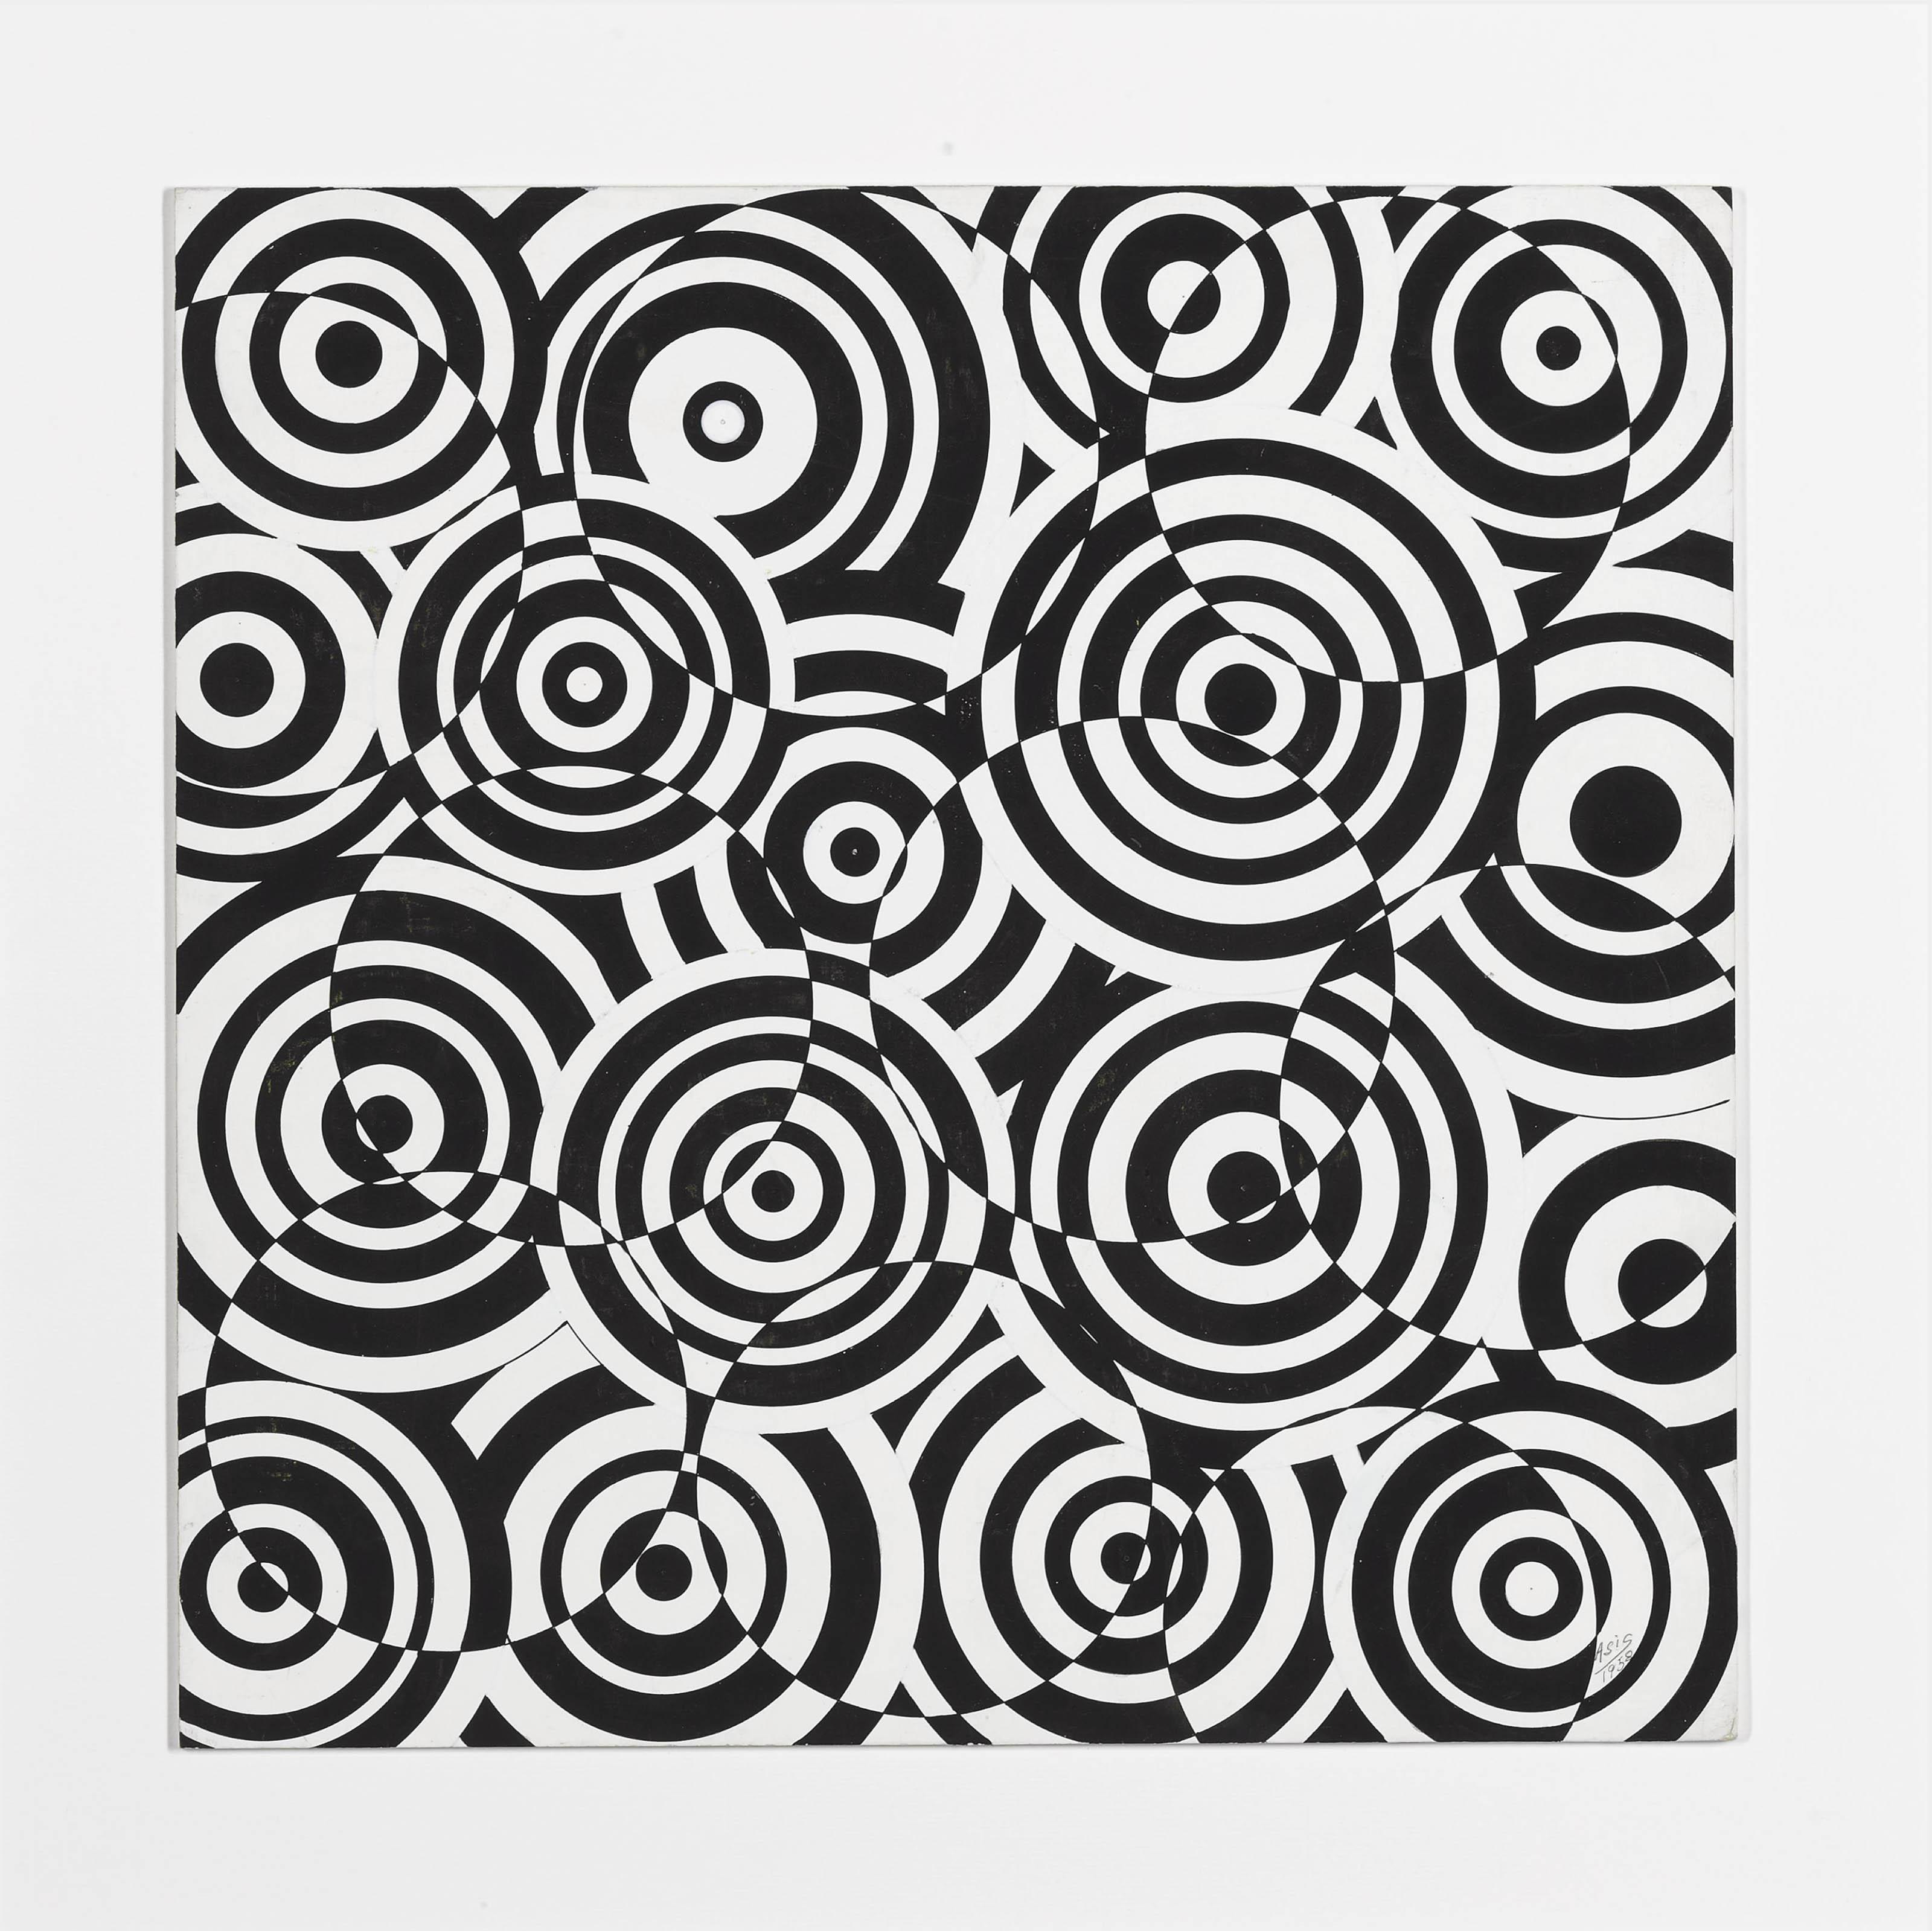 Interférences en noir et blanc